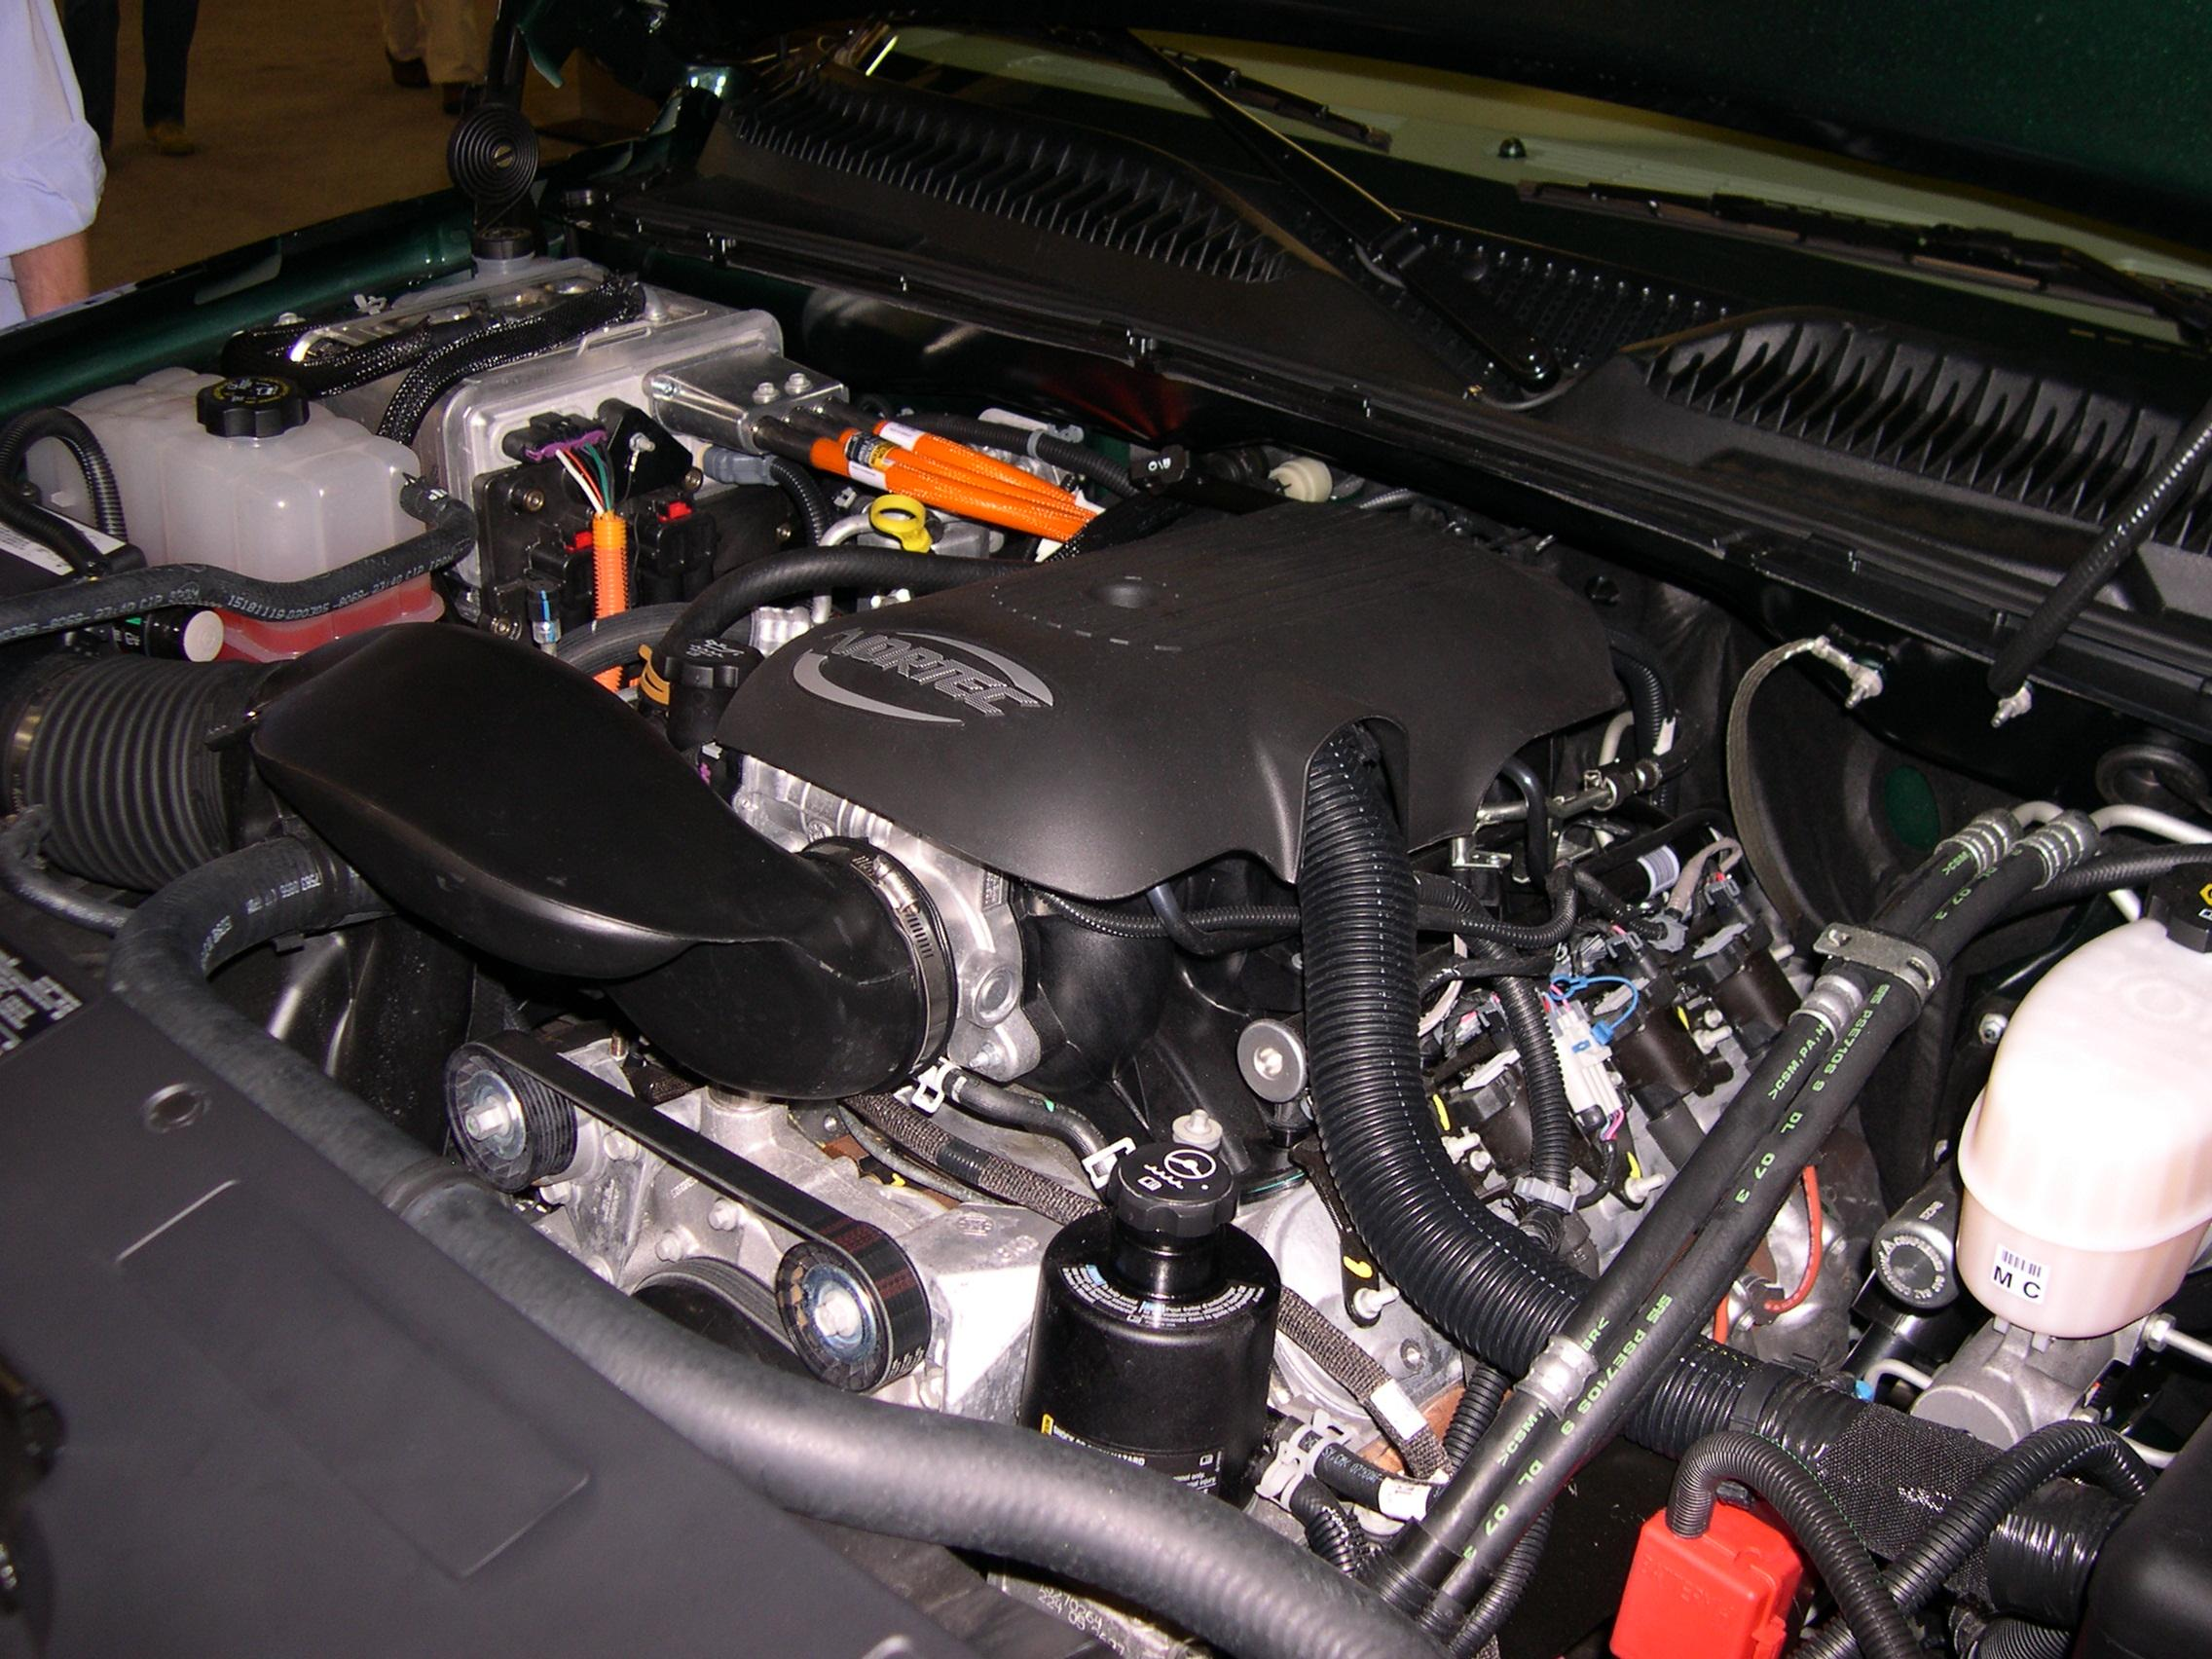 2001 tahoe engine diagram sf 9879  2001 chevy tahoe evap canister on 2003 chevy malibu  sf 9879  2001 chevy tahoe evap canister